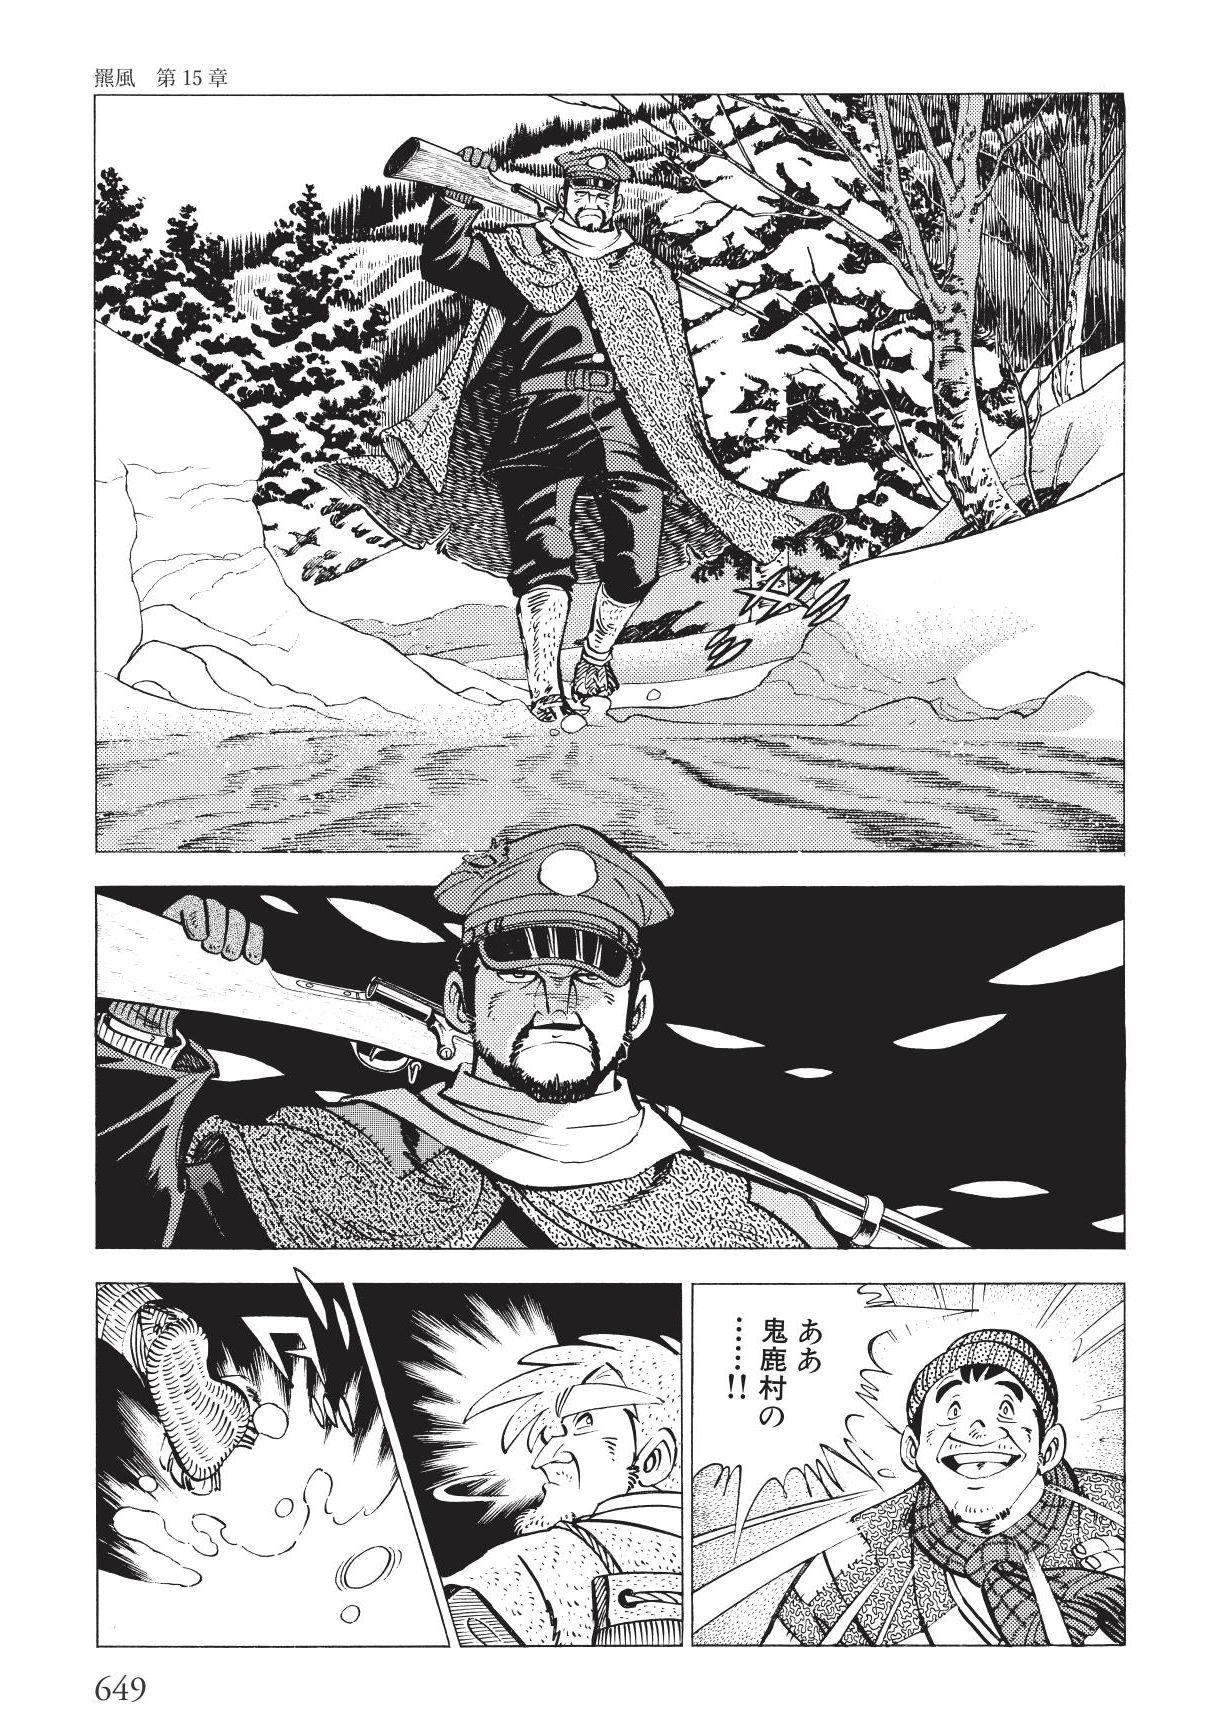 漫画 ヒグマ シャトゥーン~ヒグマの森~最新話までのあらすじ│MD